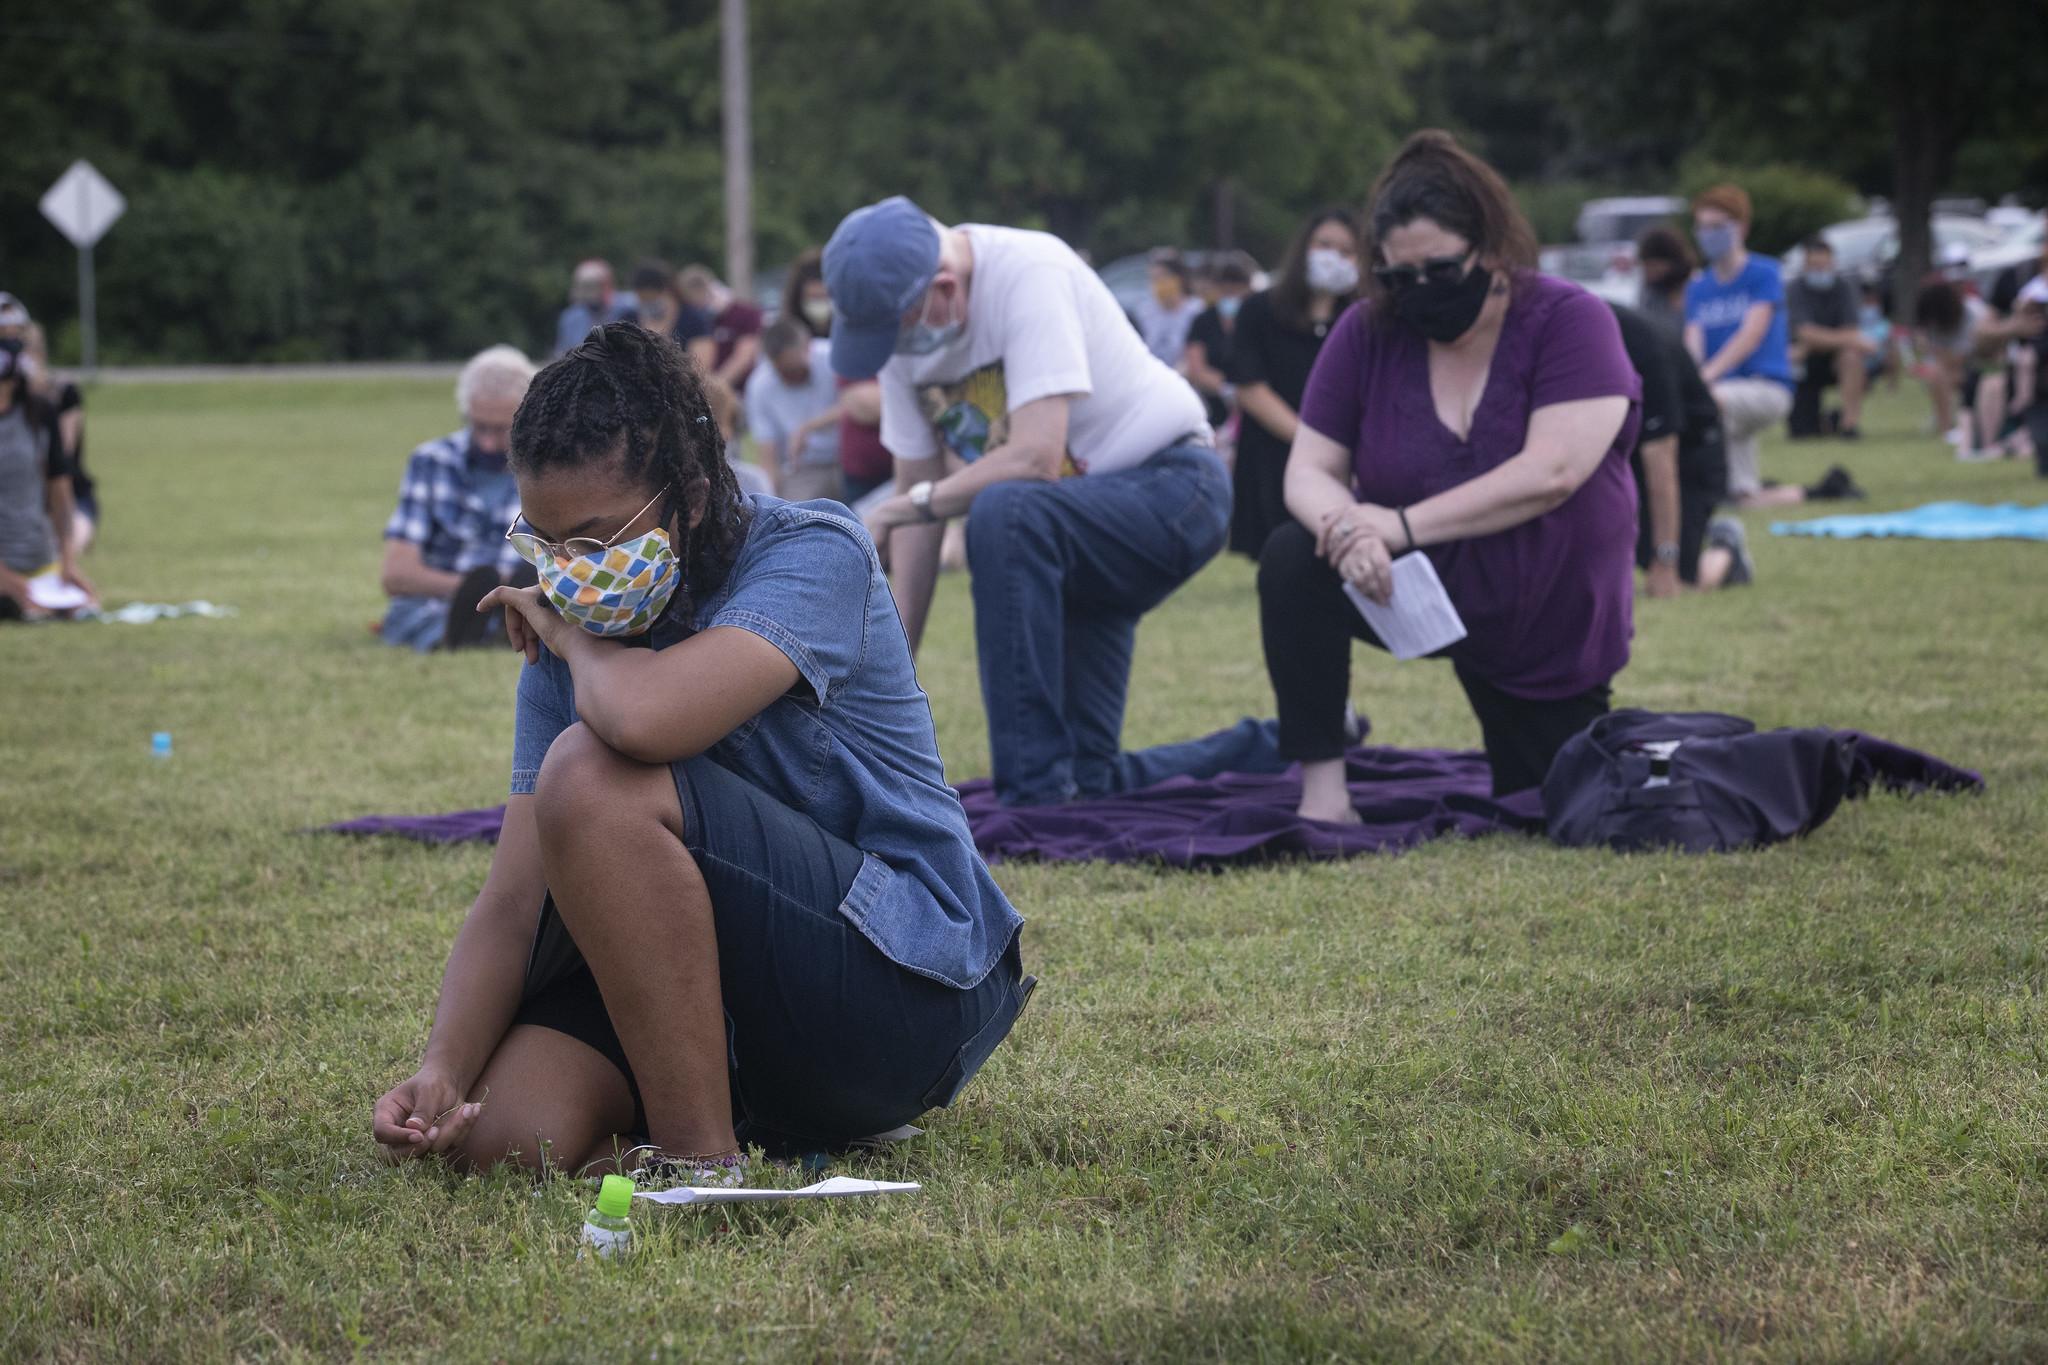 2020년 6월 5일, 테네시주 내쉬빌에 있는 벨미드연합감리교회에서 에큐메니컬 기도회 중에 조지 플로이드를 기념하기 위해 마야 커닝엄(16세)과 다른 사람이 8분 동안 침묵하면서 무릎을 꿇었다. 사진, 캐서린 베리, 연합감리교 뉴스.